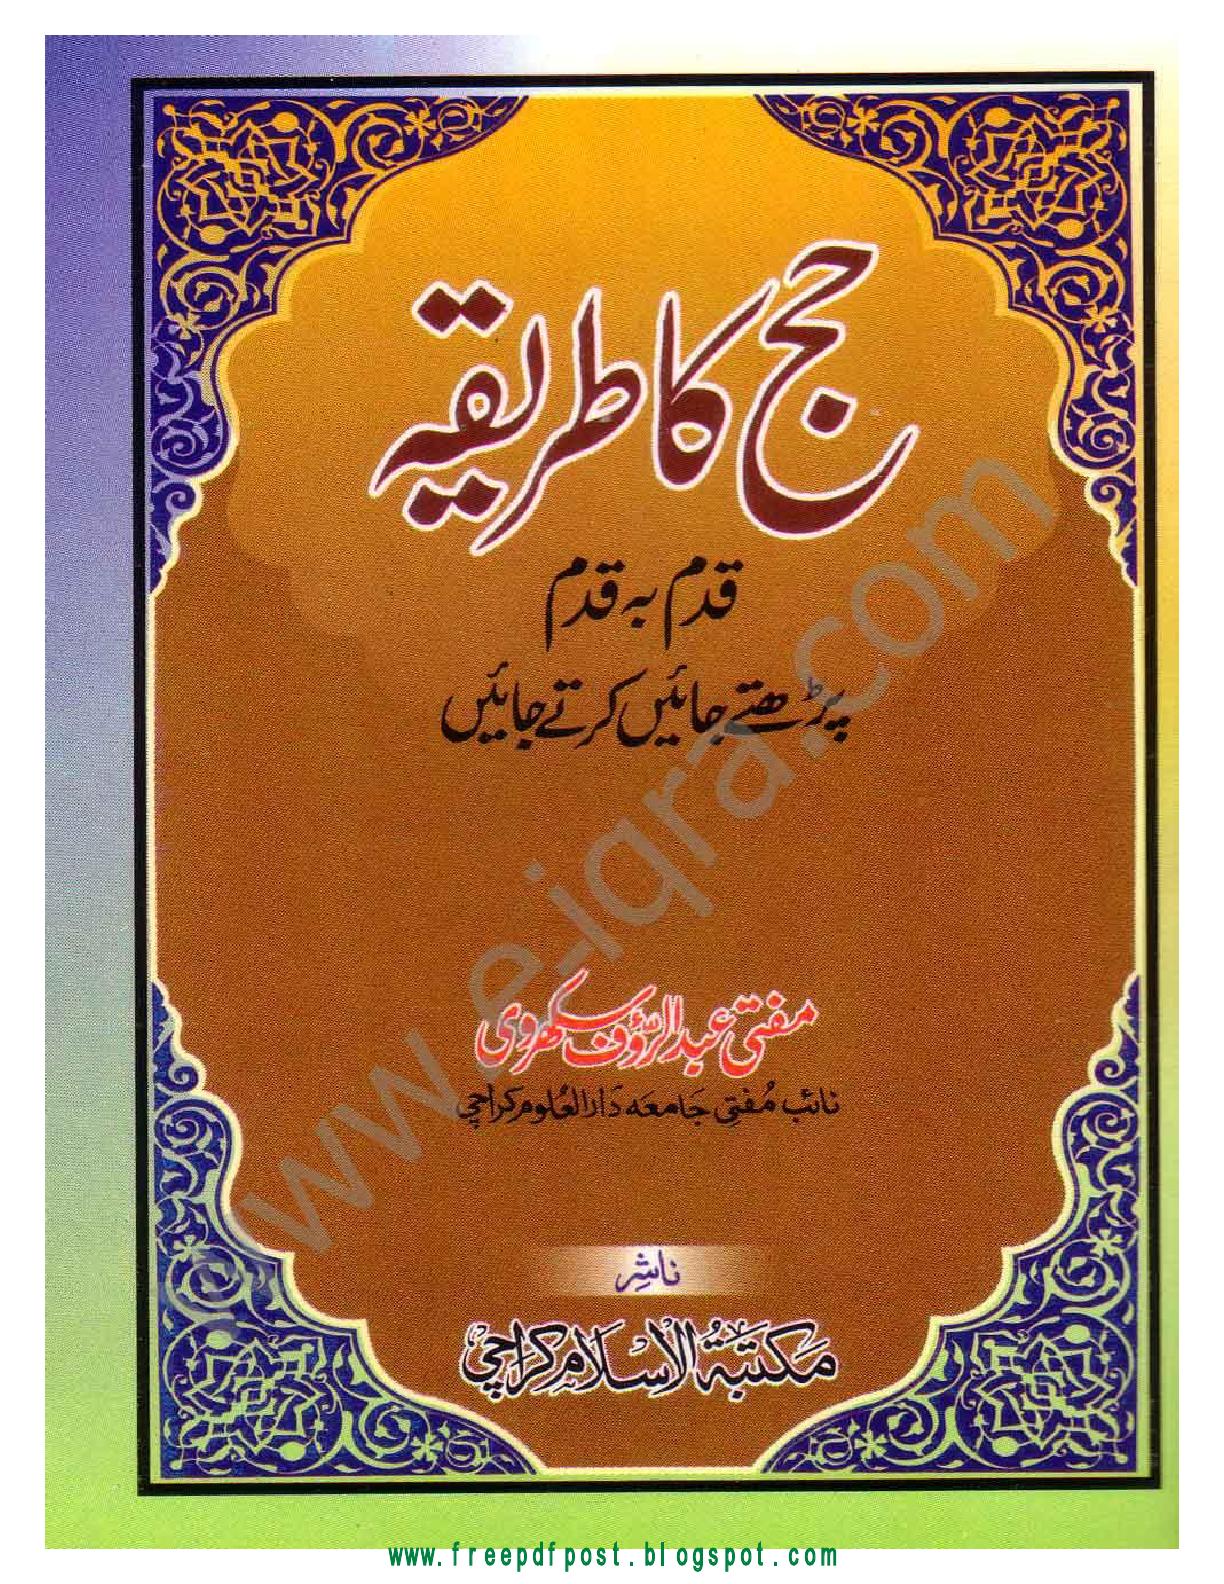 http://www.mediafire.com/view/0jmbj3xgvl8t830/Hajj_Ka_TariqahQadam_Ba_Qadam.pdf